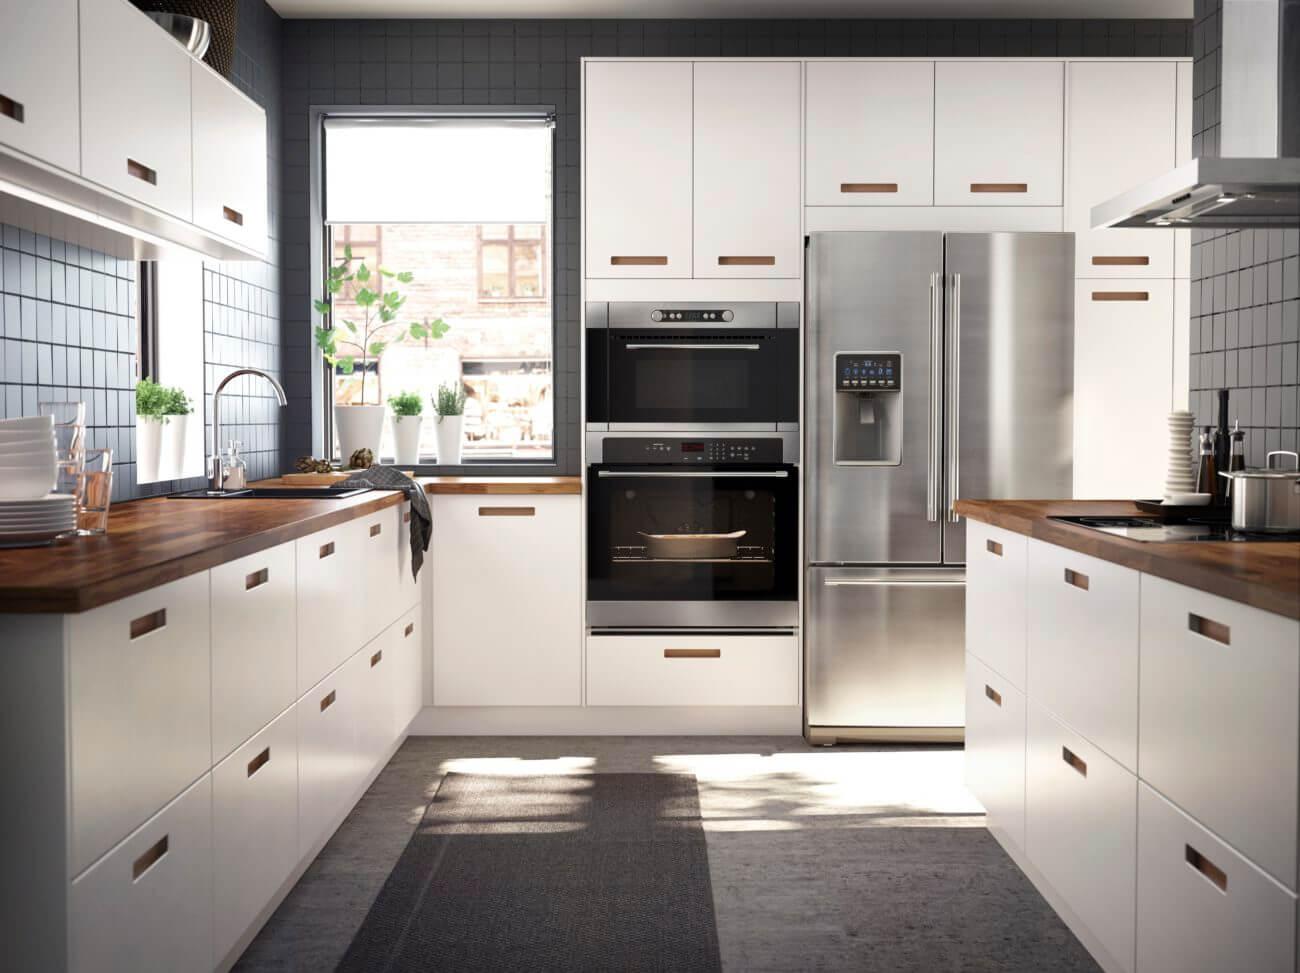 Full Size of Vicco Küche Zusammenstellen Küche Zusammenstellen Günstig Respekta Küche Zusammenstellen Ikea Küche Zusammenstellen Online Küche Küche Zusammenstellen